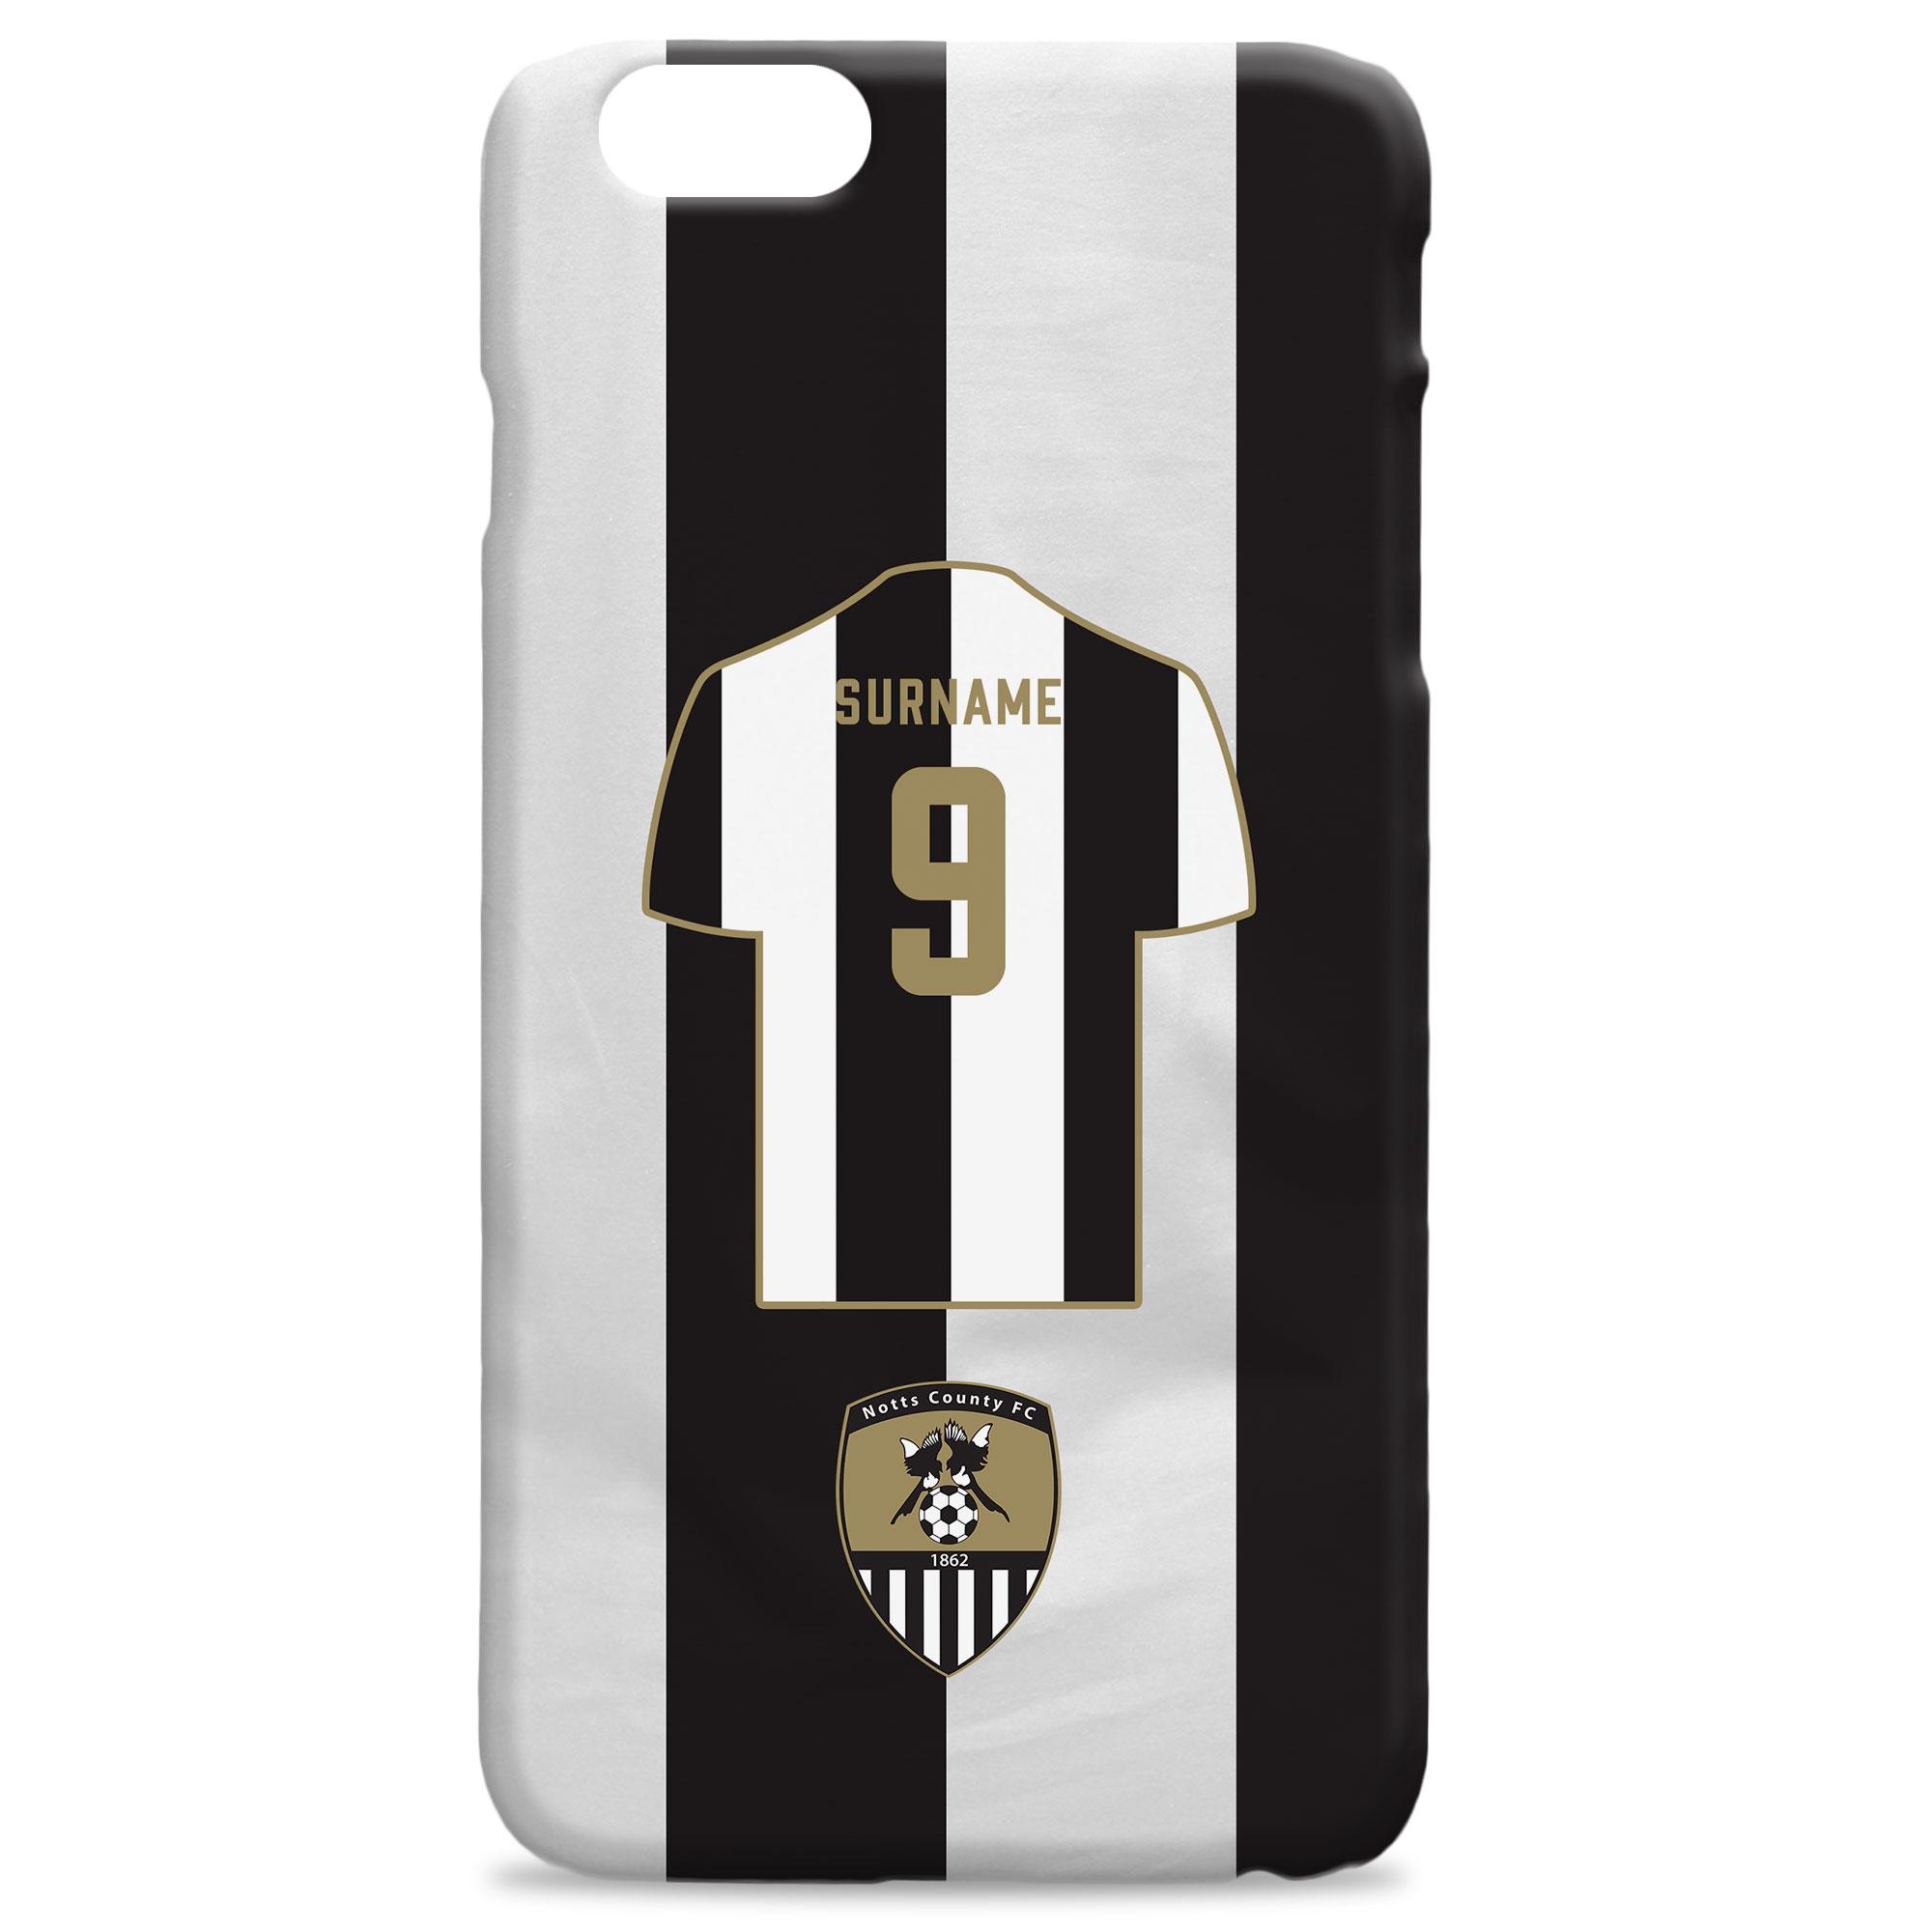 Notts County FC Shirt Hard Back Phone Case